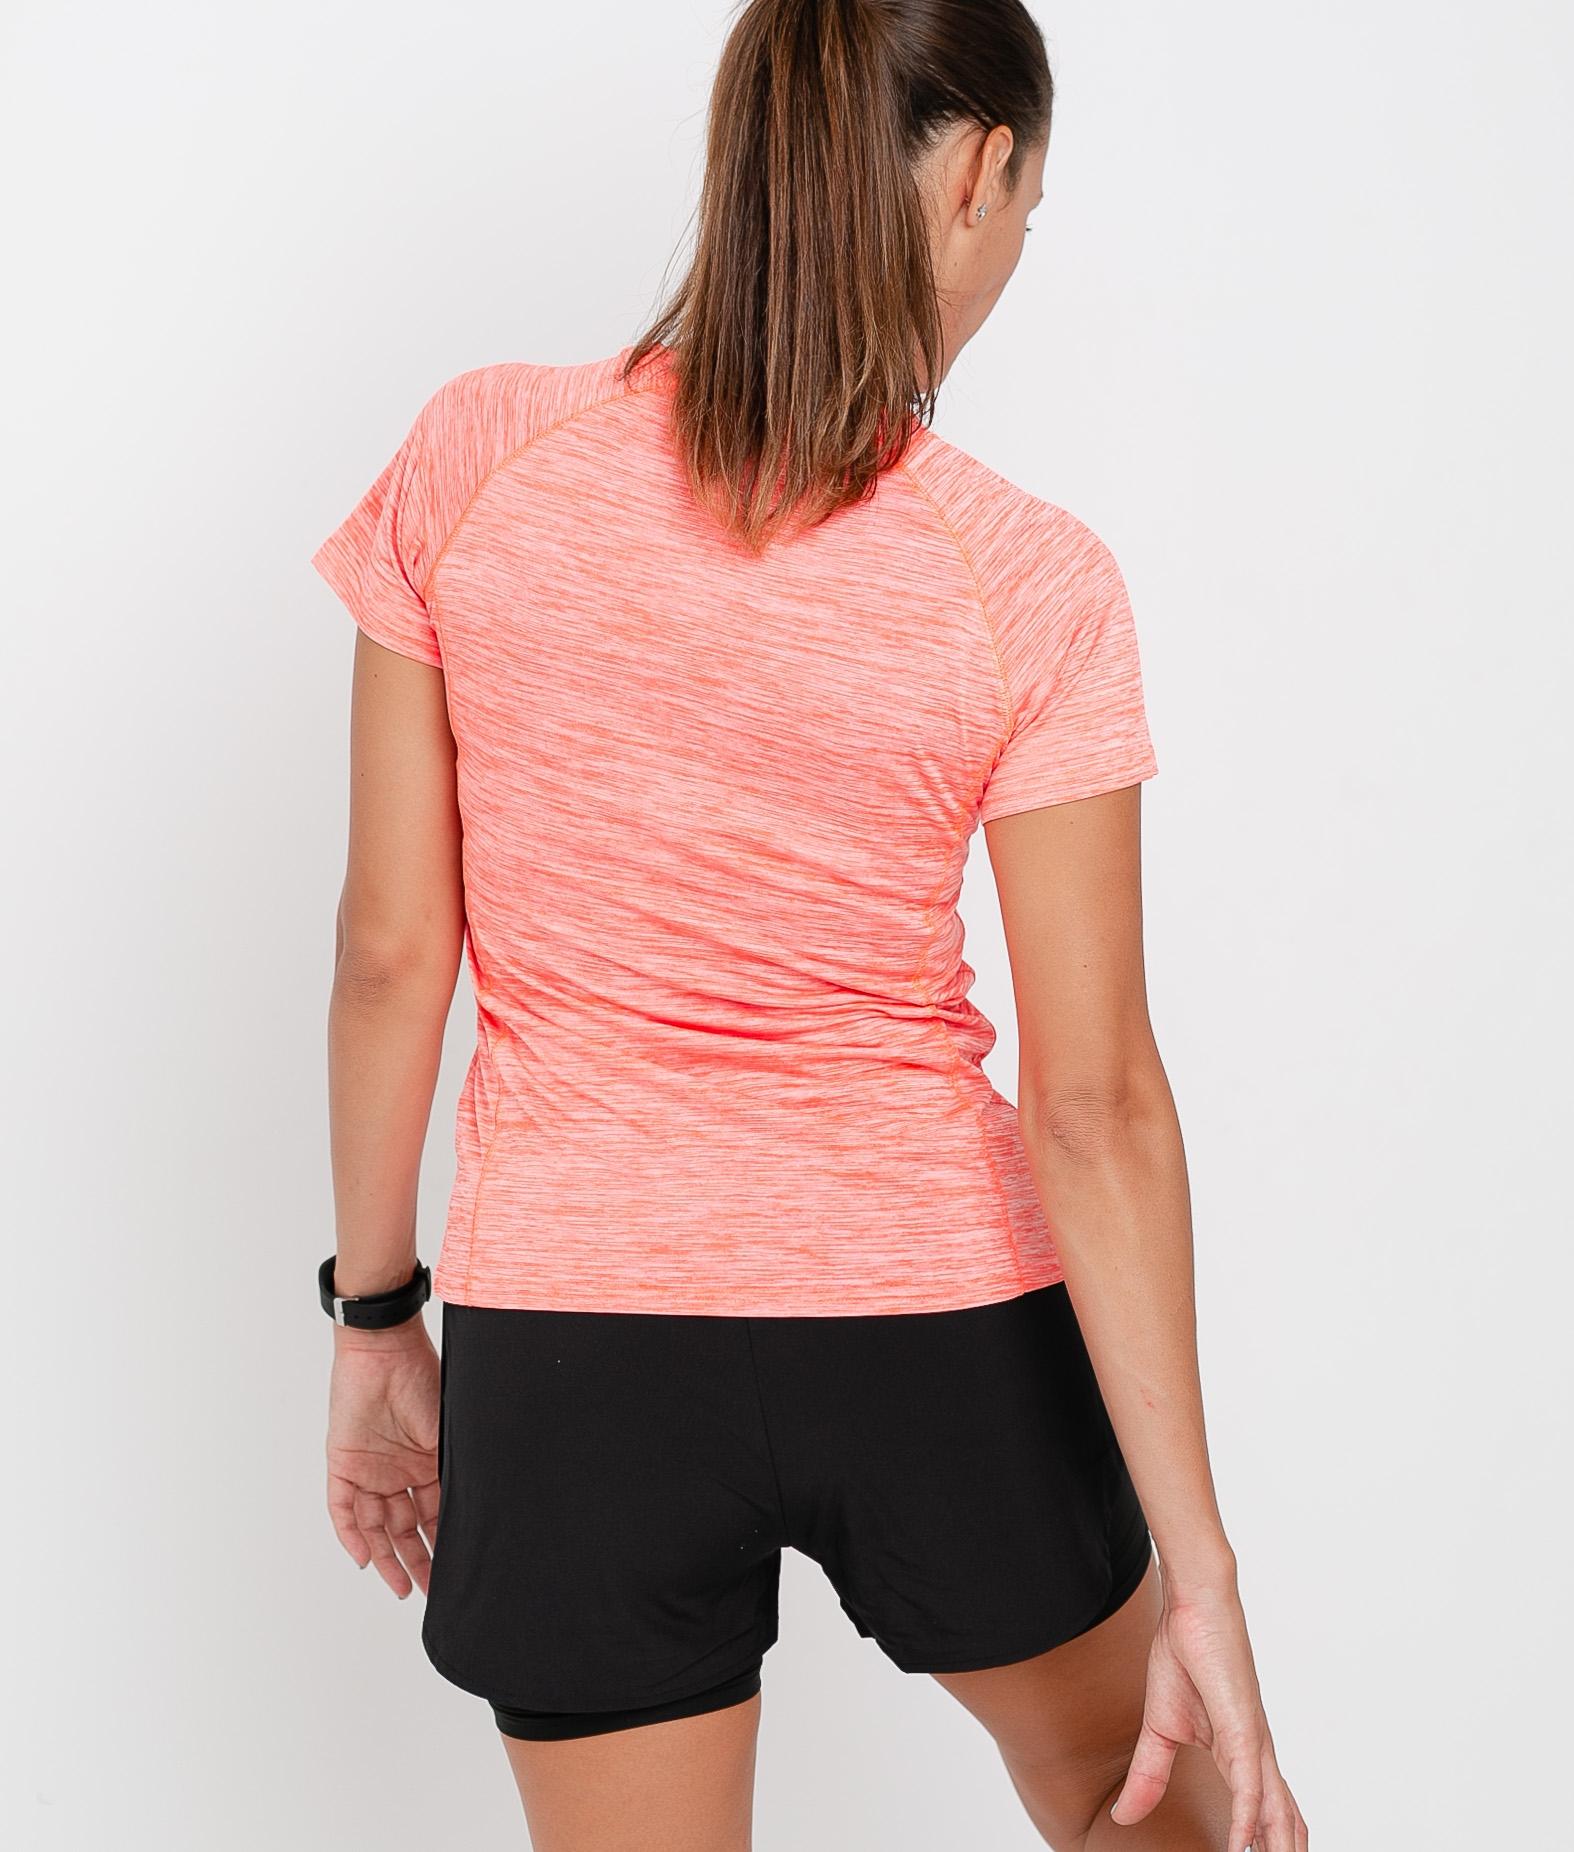 Camiseta Leira - Coral Fluorine